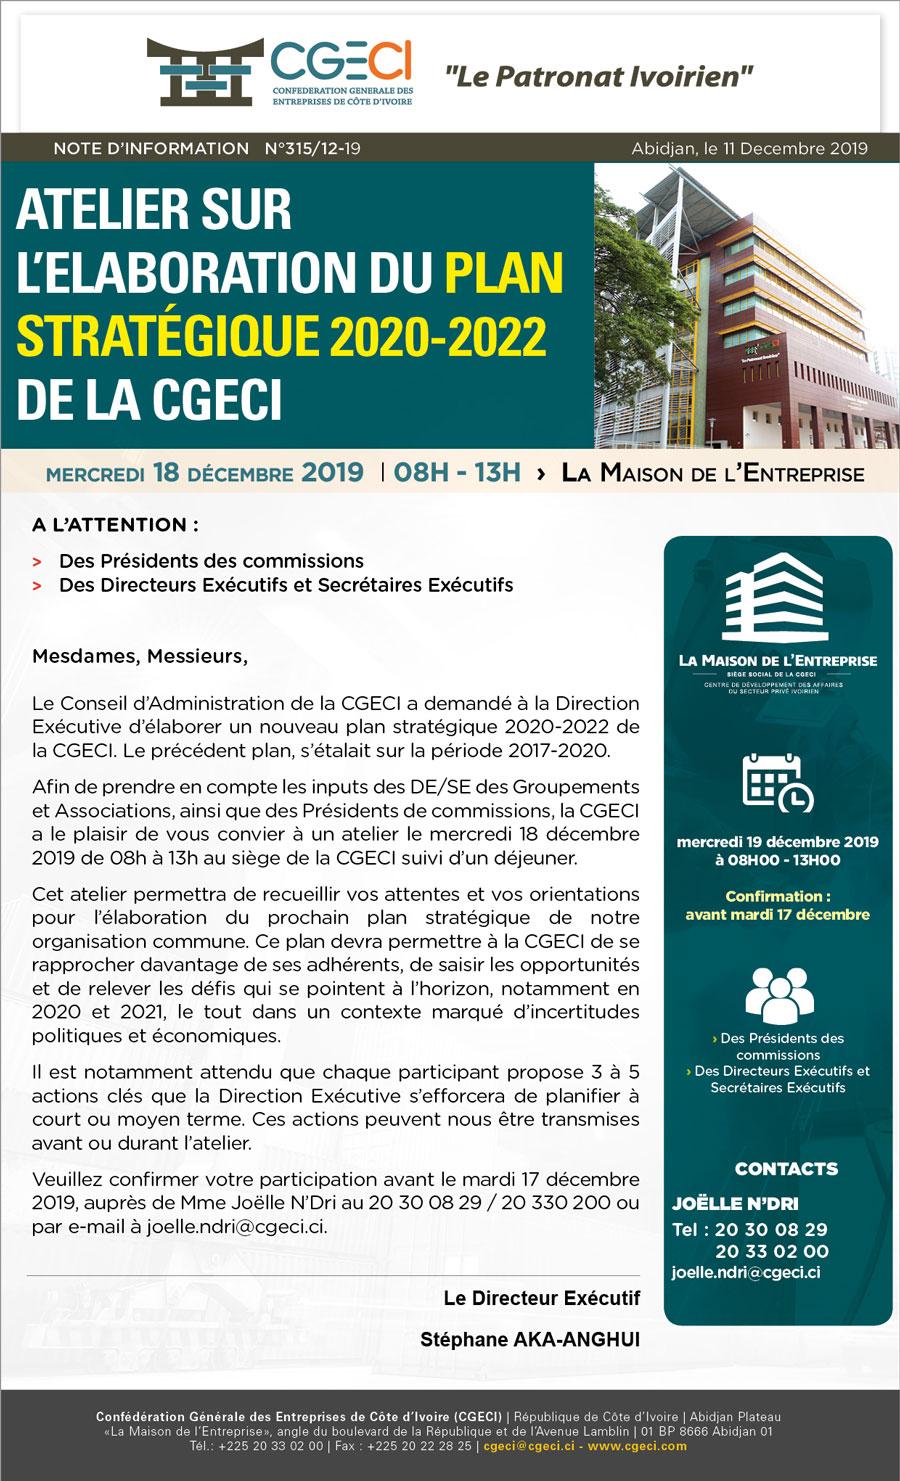 Atelier sur l'élaboration du plan stratégique 2020-2022 de la CGECI